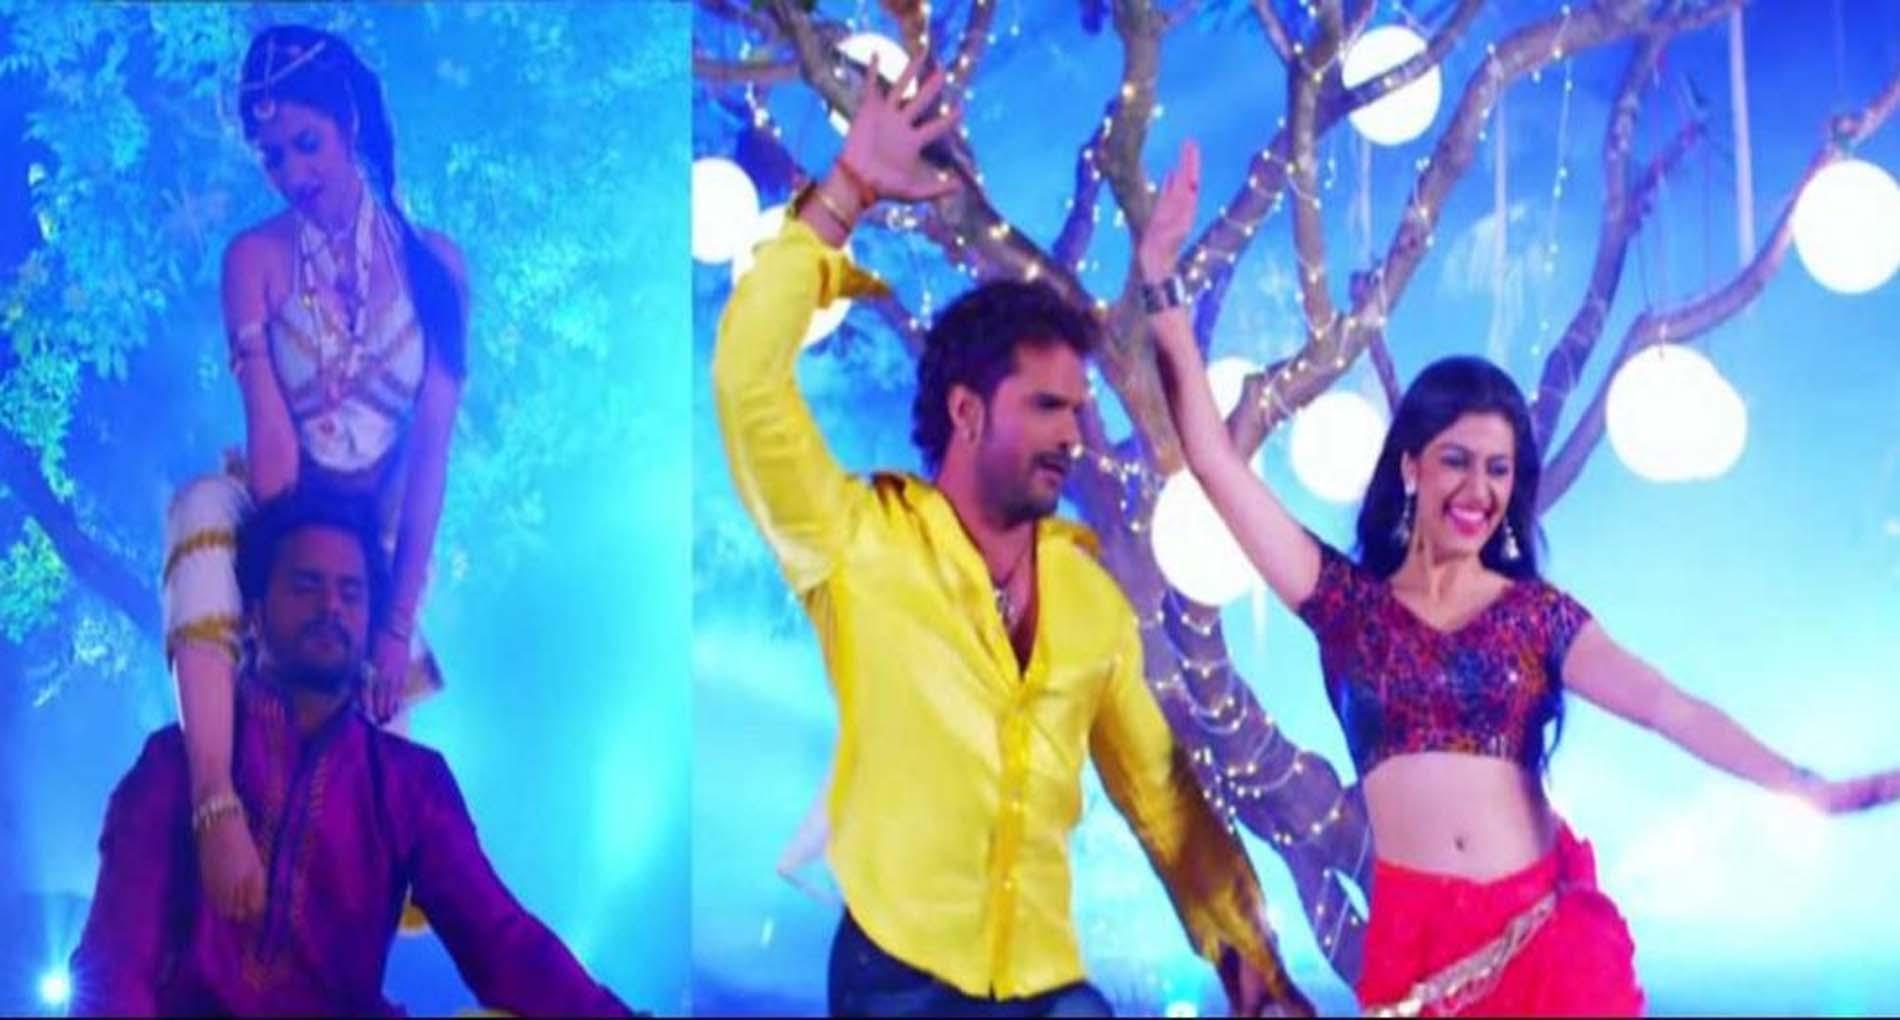 Khesari Lal yadav Hit Song: खेसारी लाल यादव के गाने 'तर तर पसीना' ने मचाया धमाल! देखें वीडियो